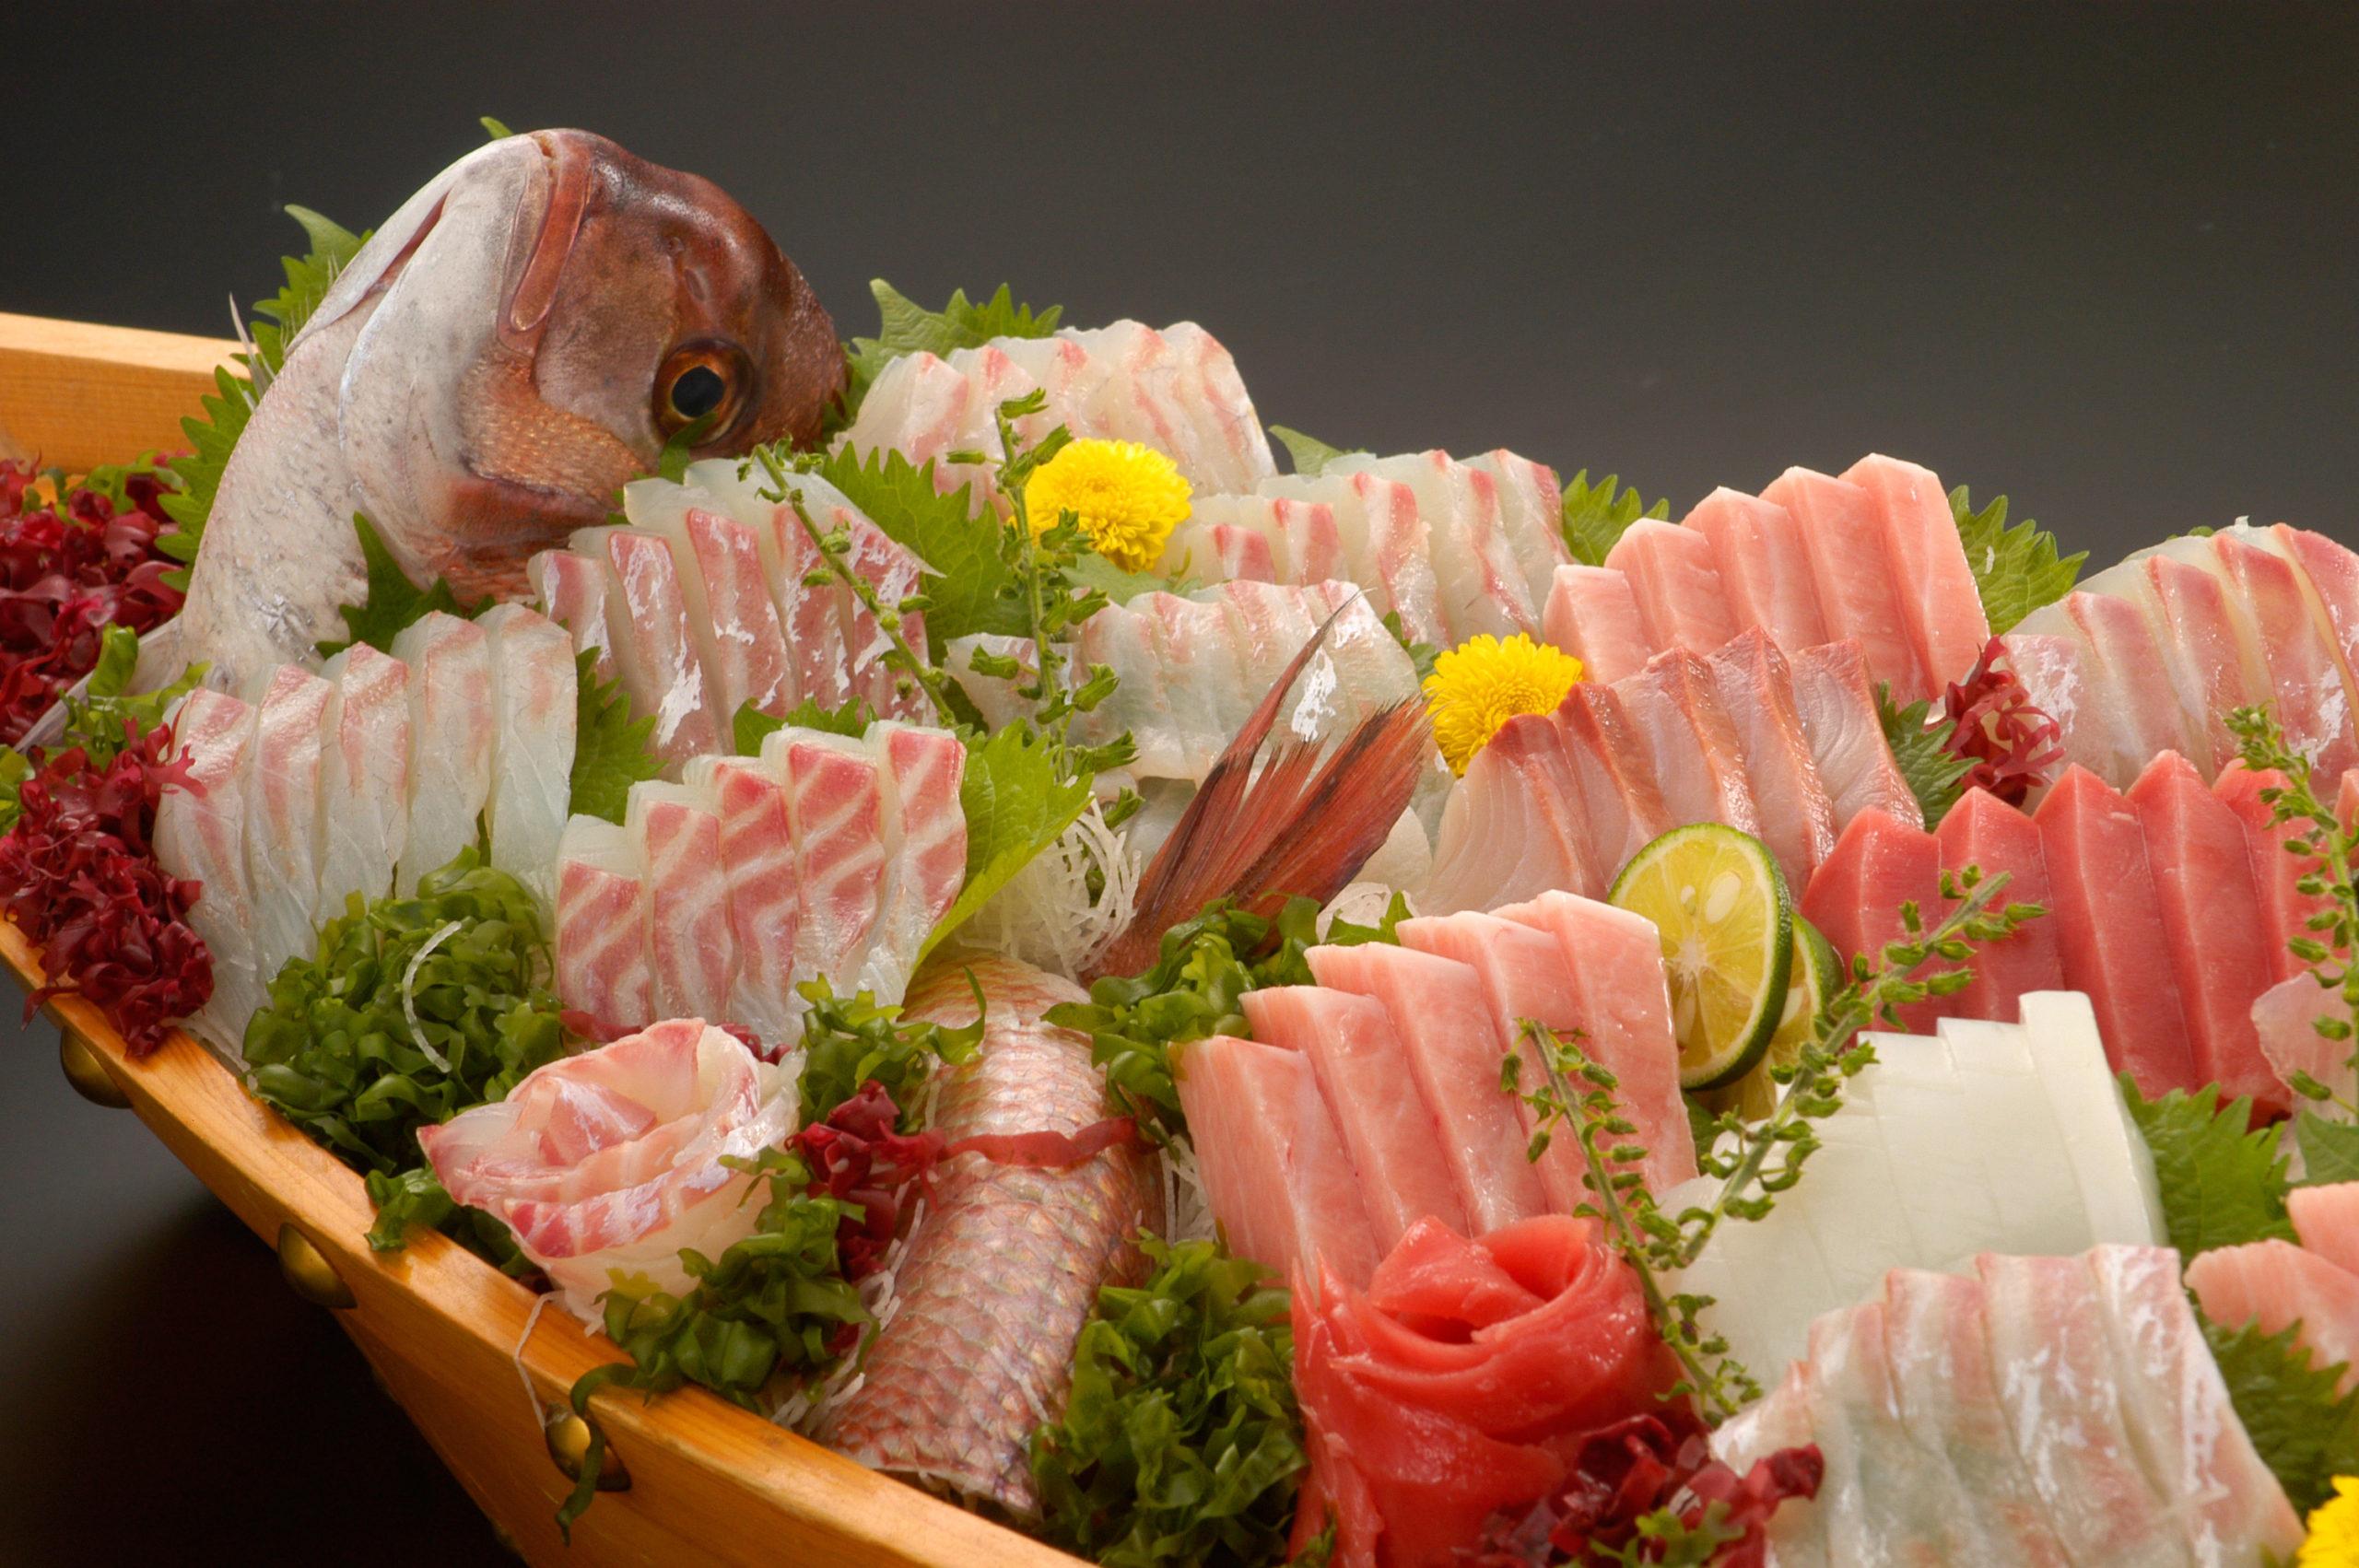 モノやサービスの価値がどのように決まるのかを魚を例にお知らせします